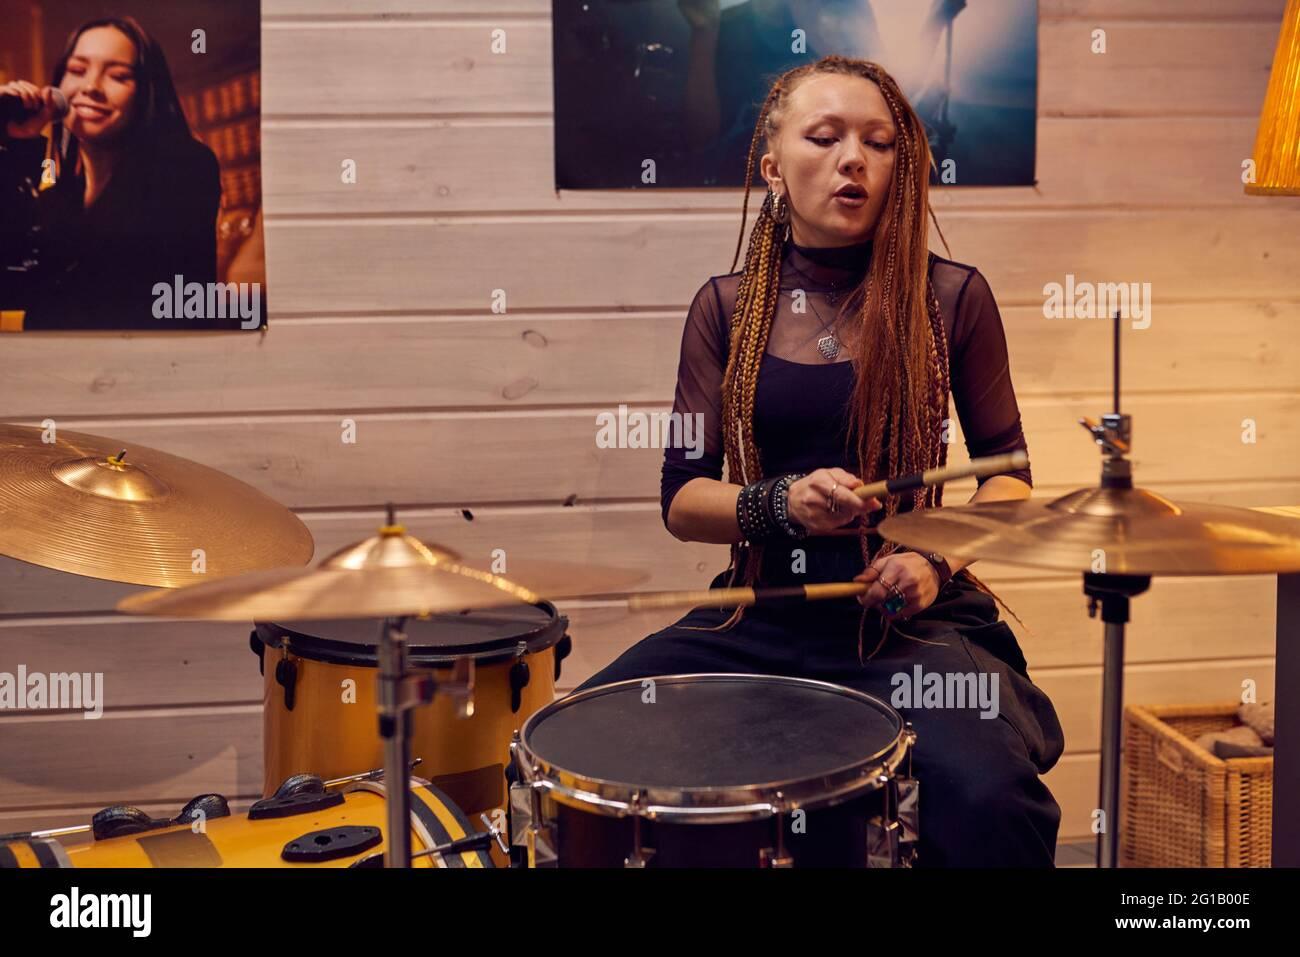 Chica sentada junto al tambor mientras grababa música en un estudio moderno Foto de stock